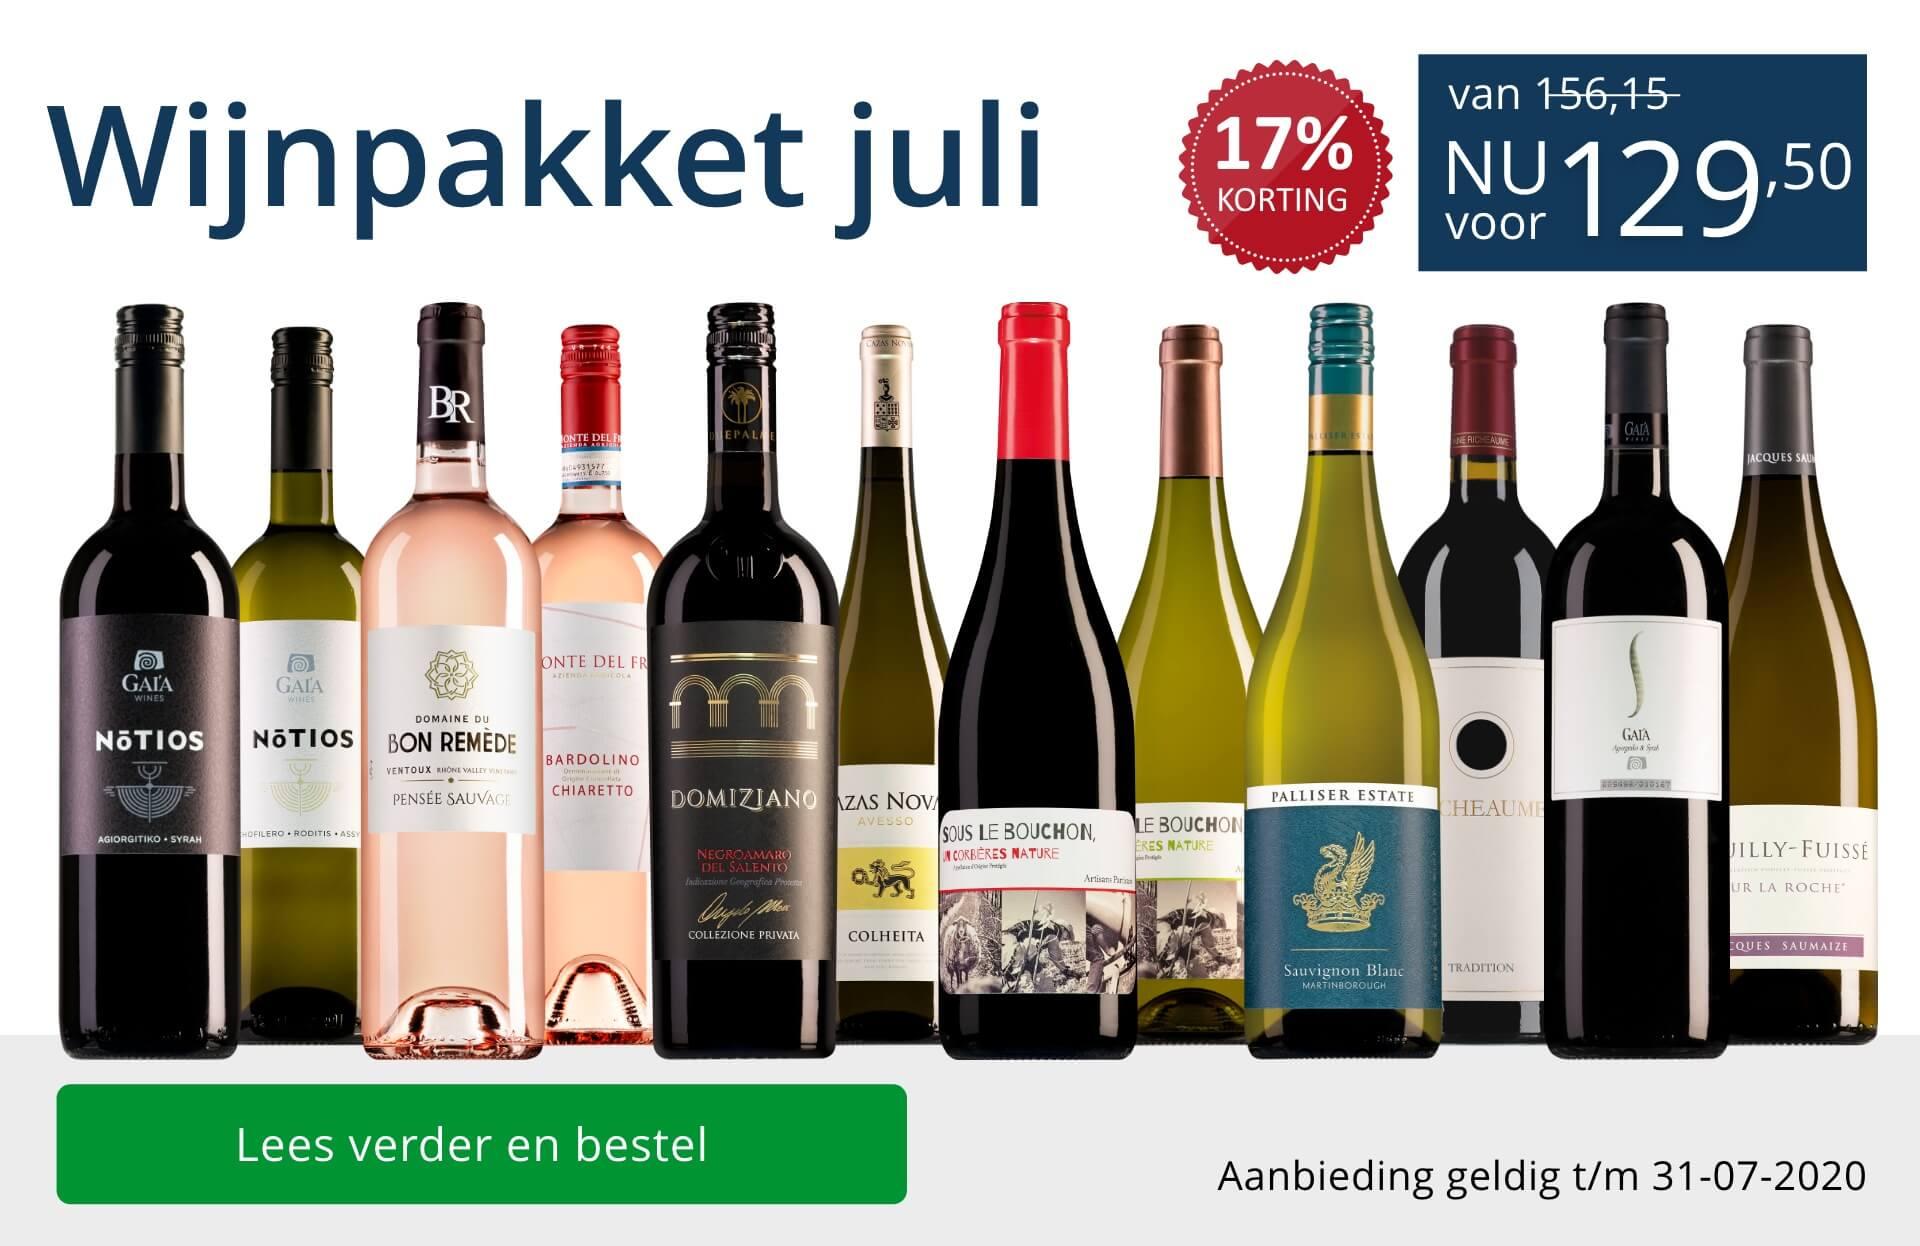 Wijnpakket wijnbericht juli 2020(129,50)-blauw